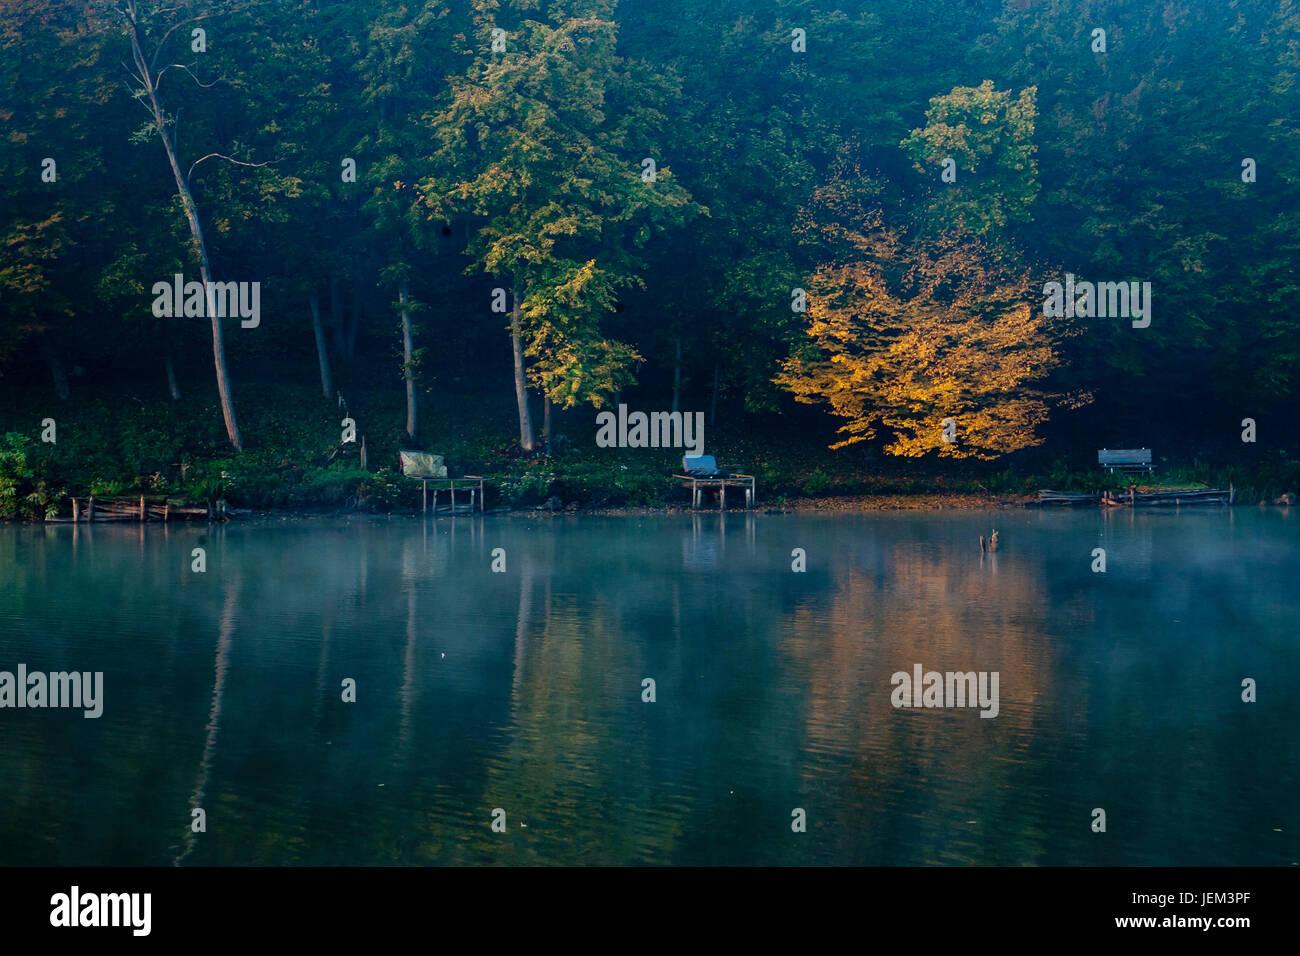 Herbst-See und Wald im Sonnenaufgang Stockbild